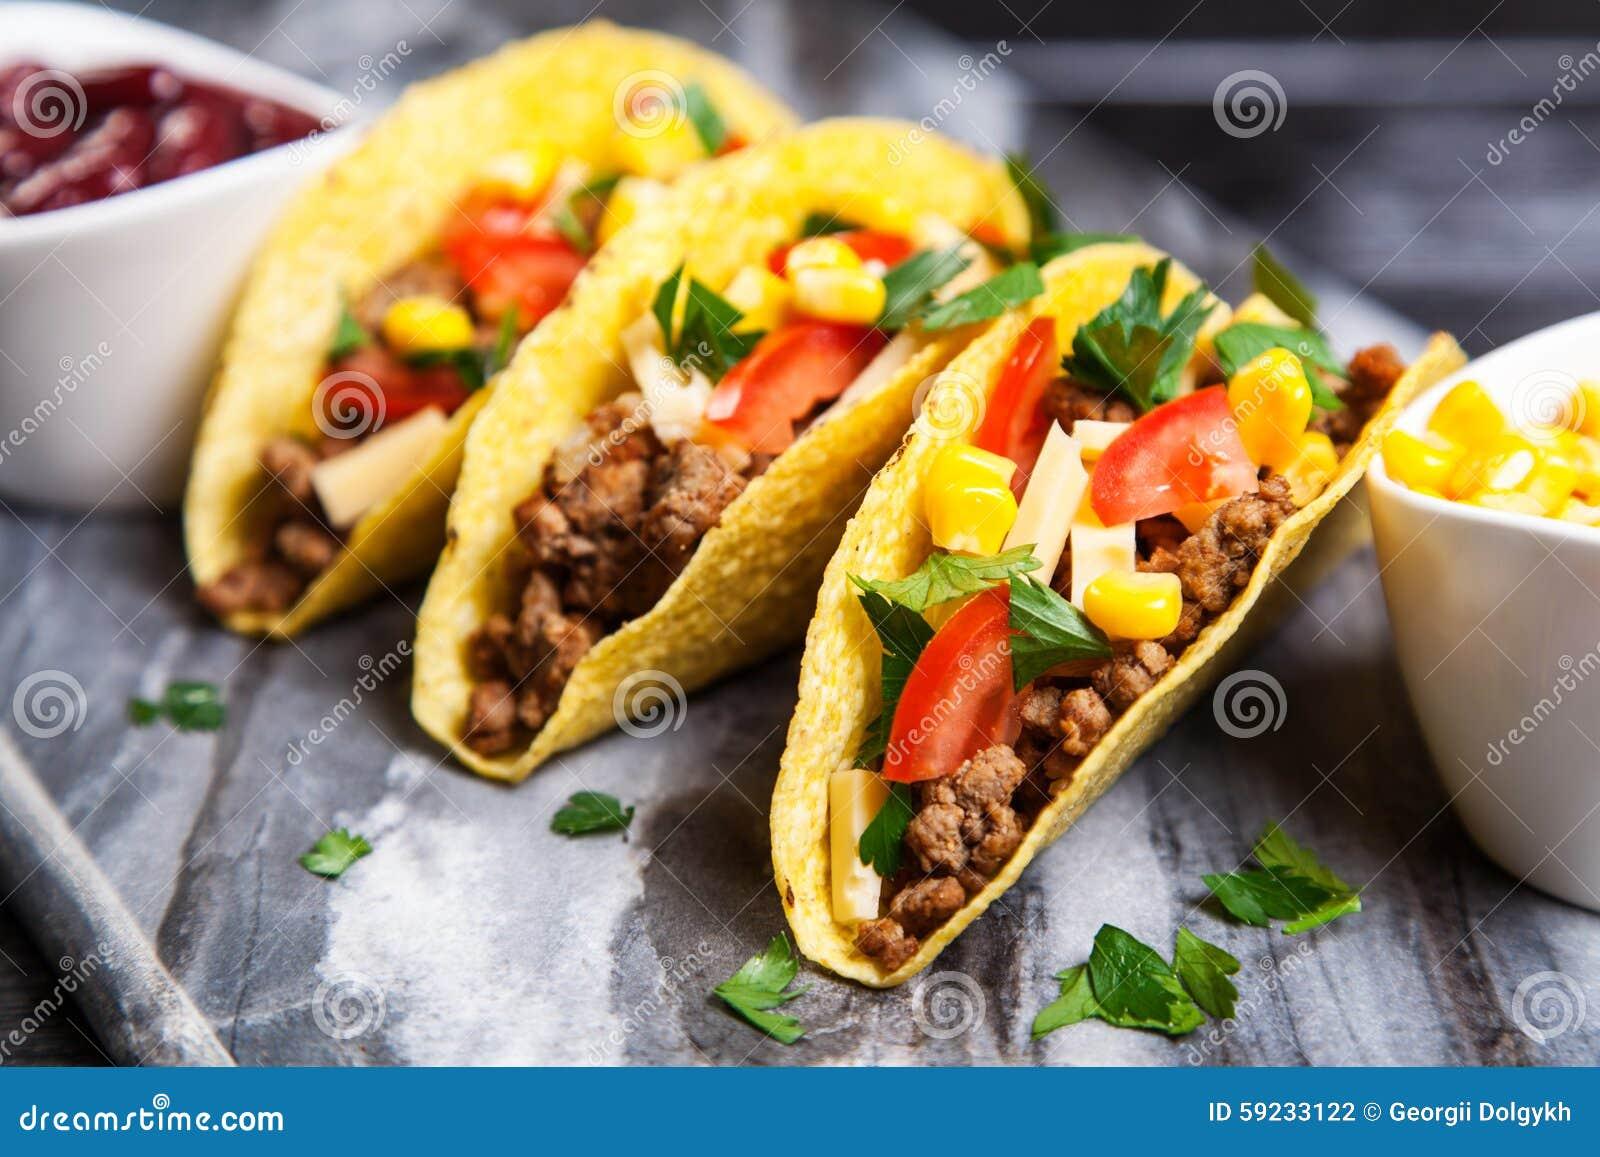 Download Tacos delicioso foto de archivo. Imagen de diner, cilantro - 59233122